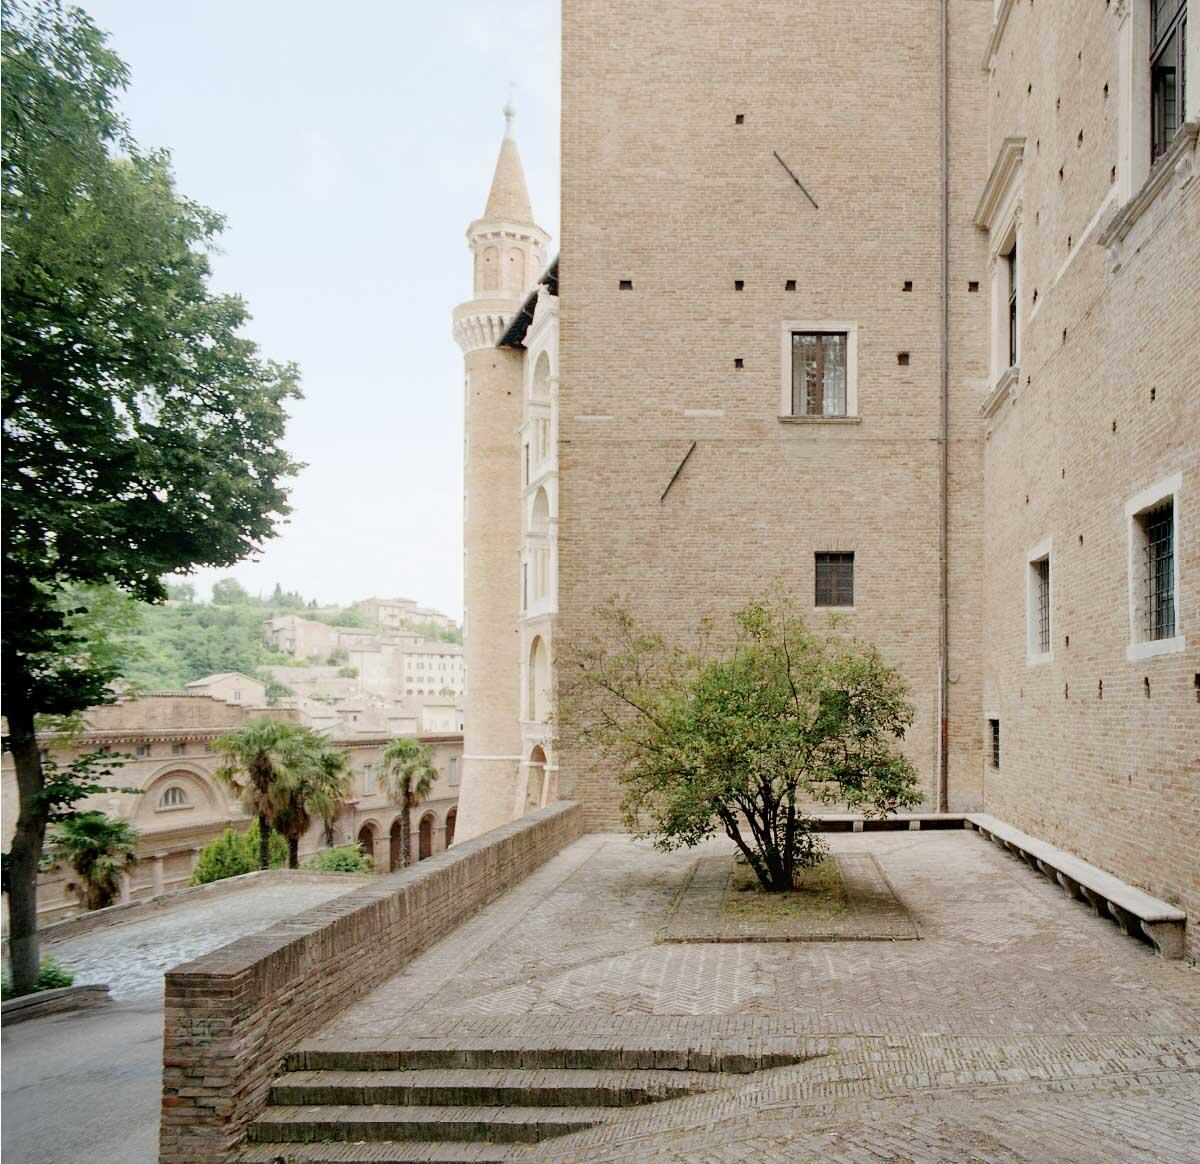 Aufgang vom Vorplatz des Teatro Sanzio zum Palazzo Ducale, Blick zurück auf die Loggia Bild: Gaia Cambiaggi